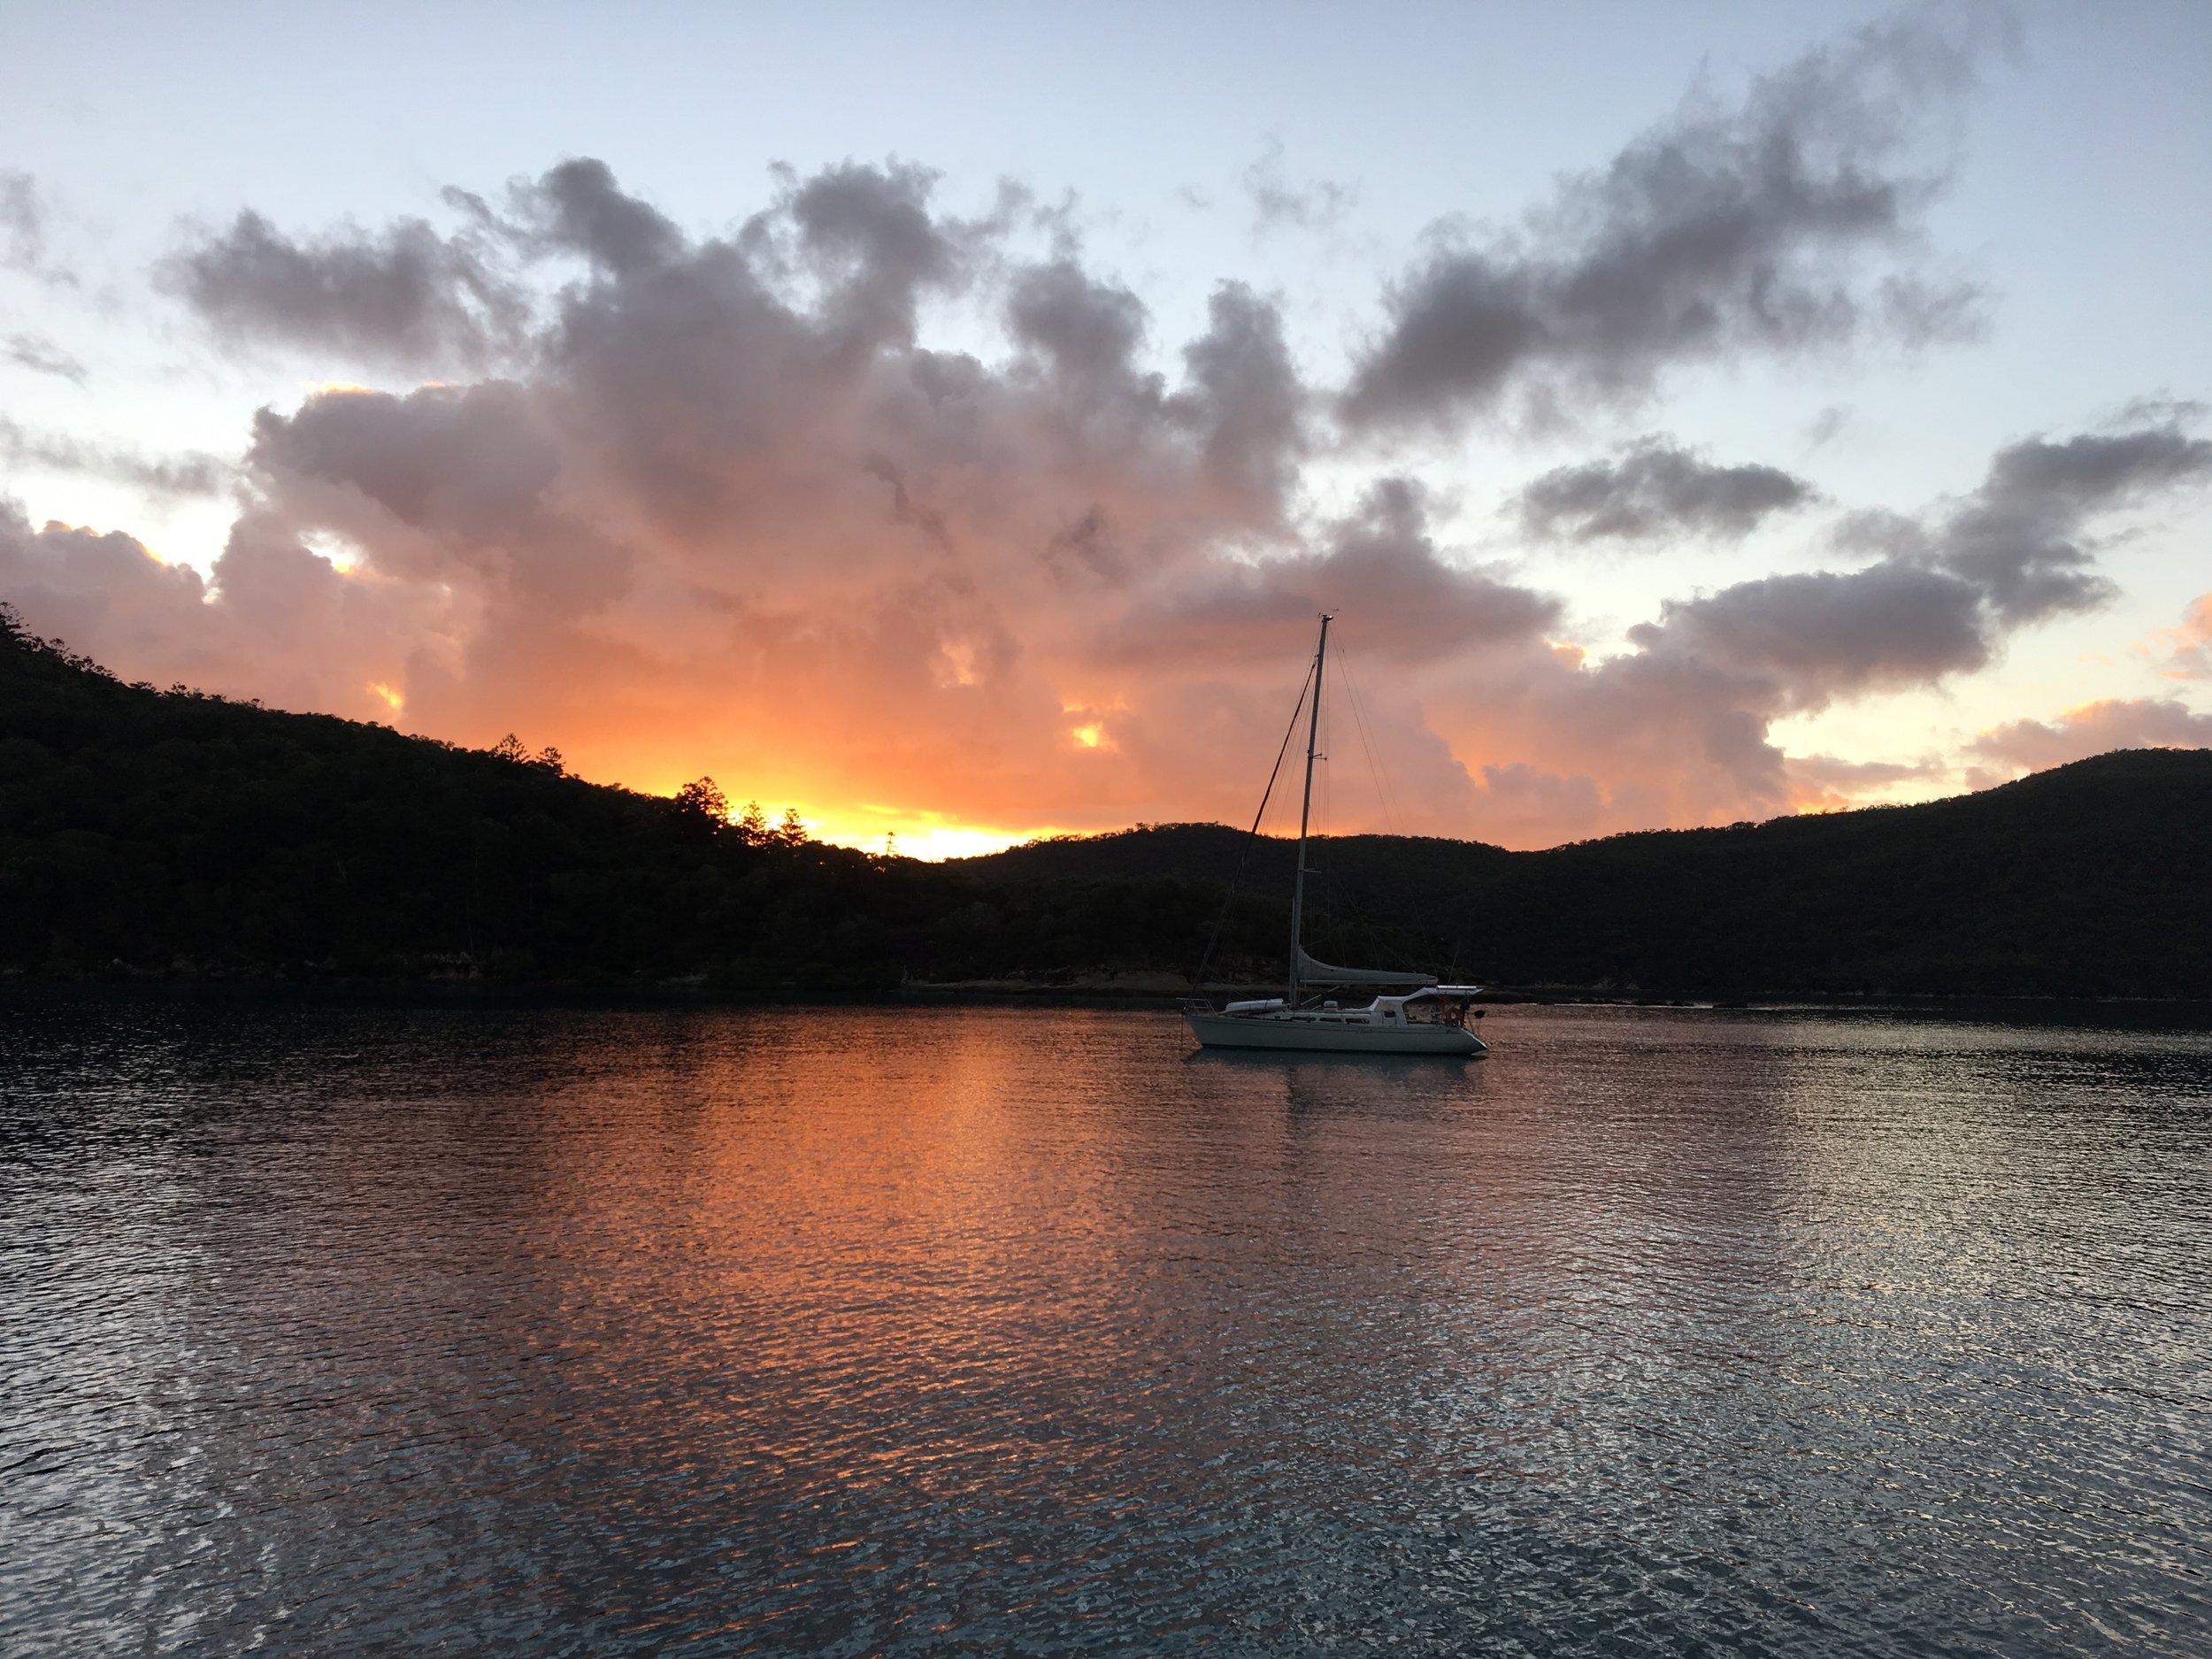 Sunset on Whitsunday Islands